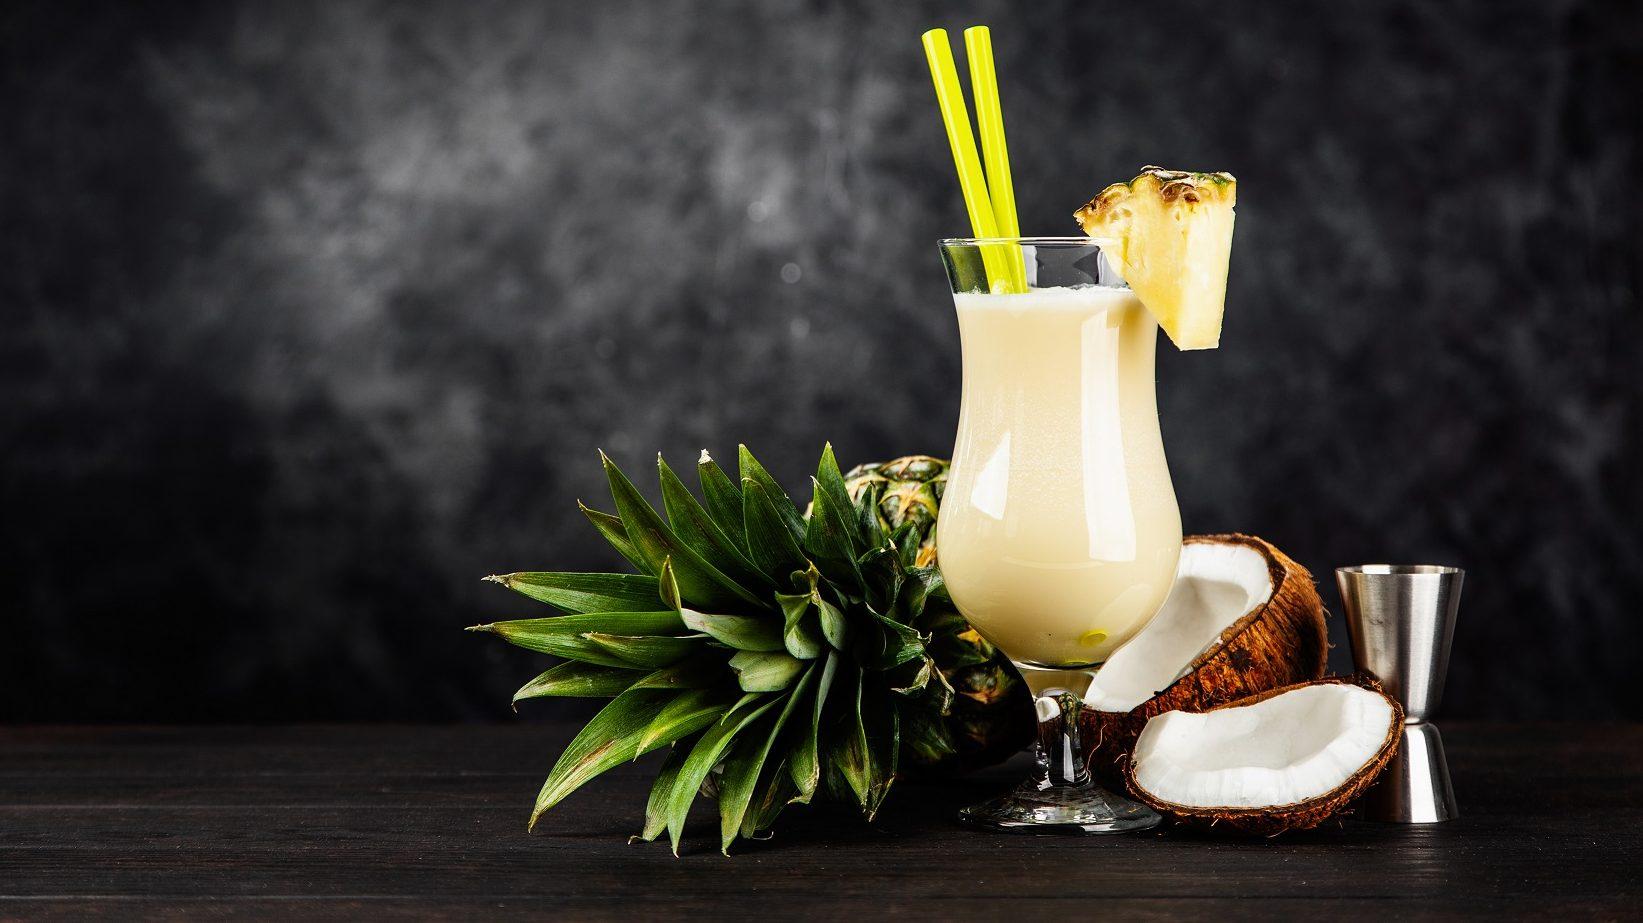 Die Low Carb-Pina Colada stilecht im Glas angerichtet, mit Ananas am Rand verziert und die Kokosnuss als Deko im Hintergrund.